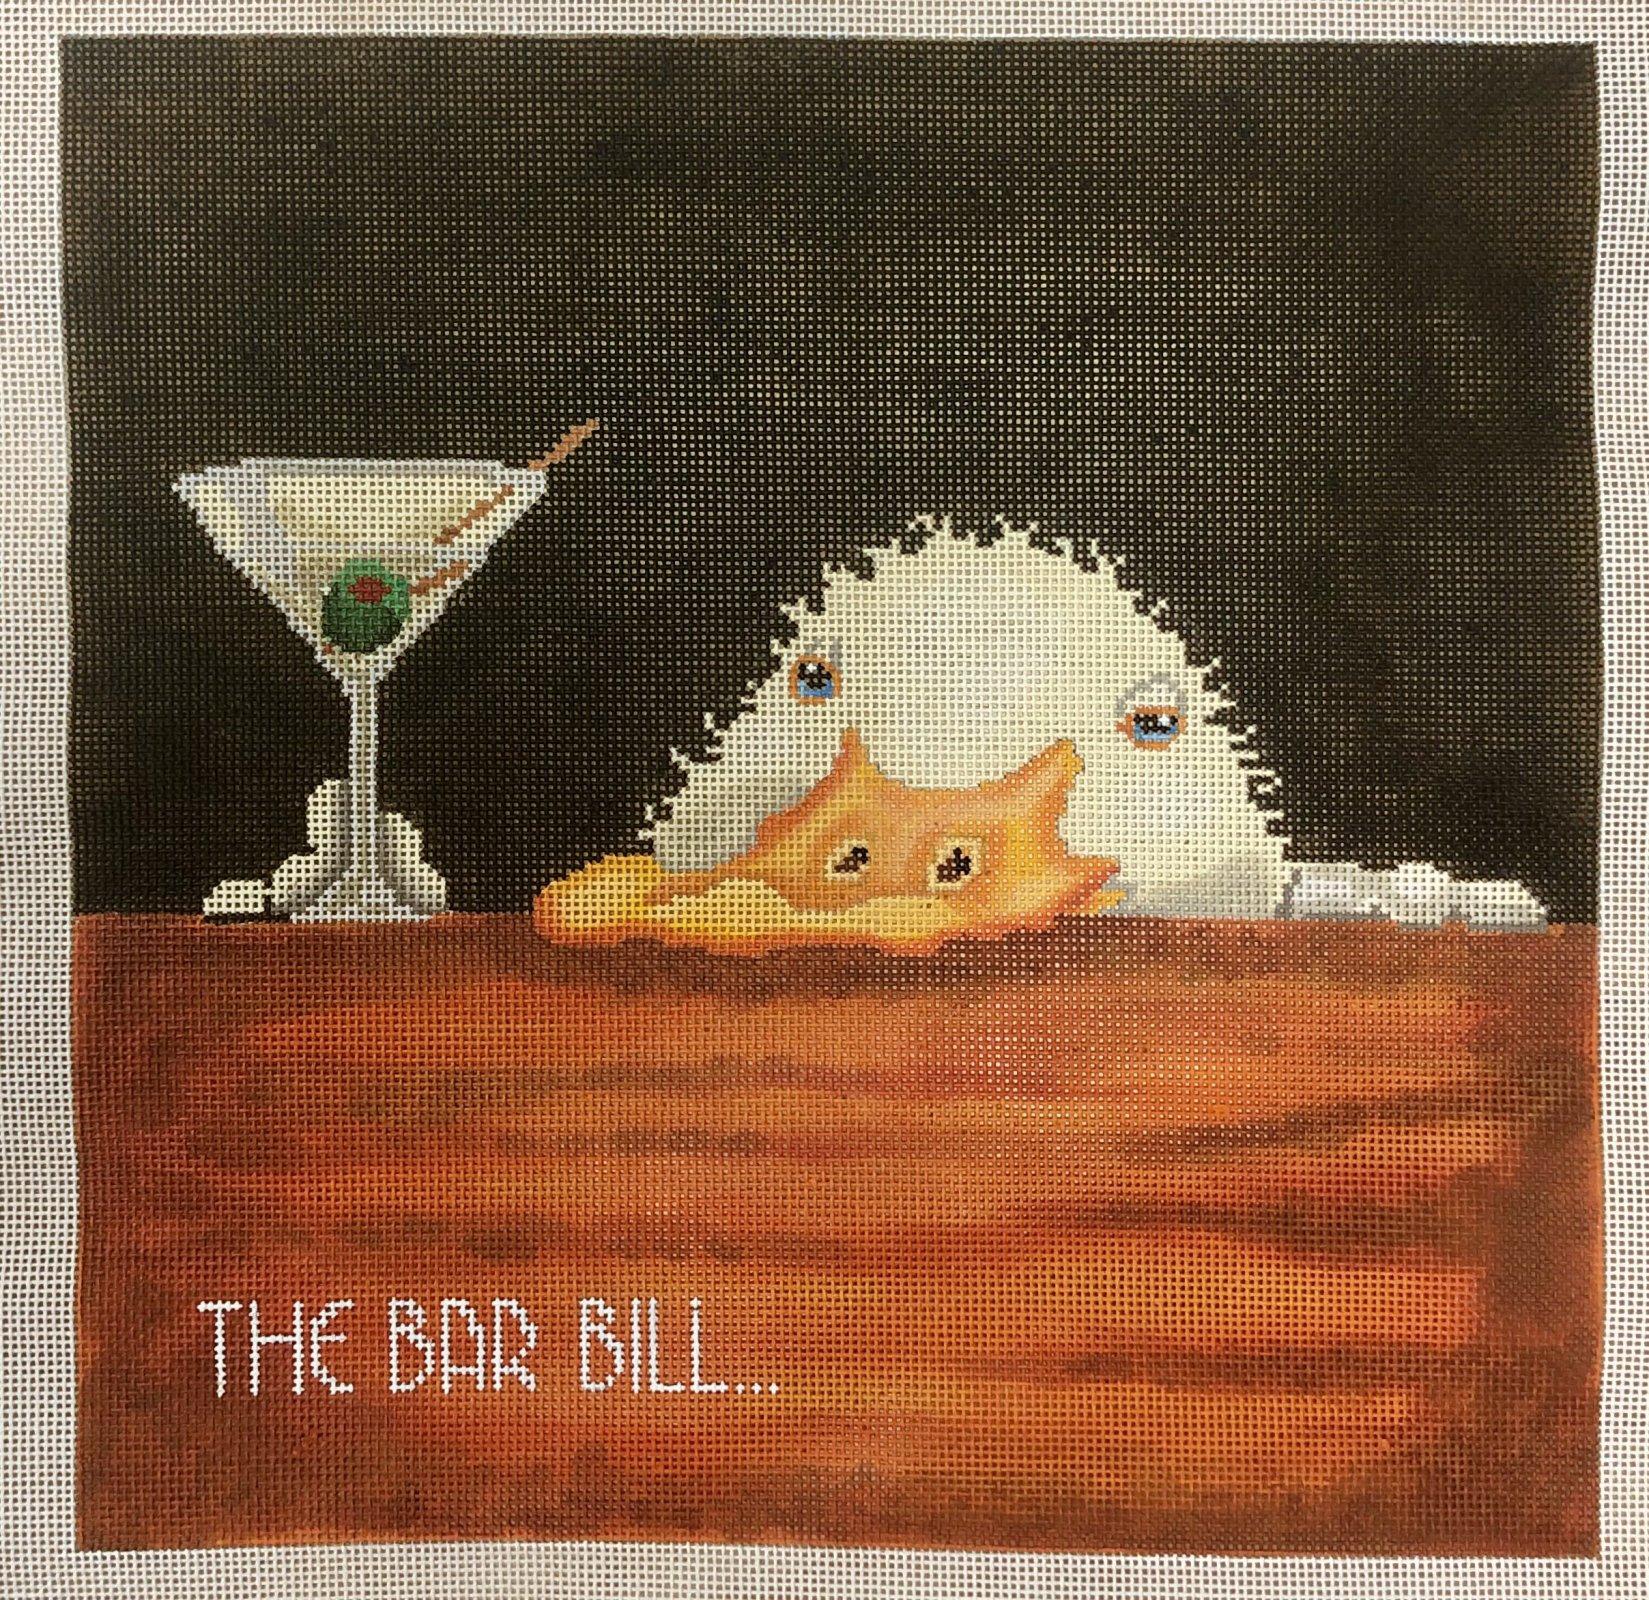 the bar bill